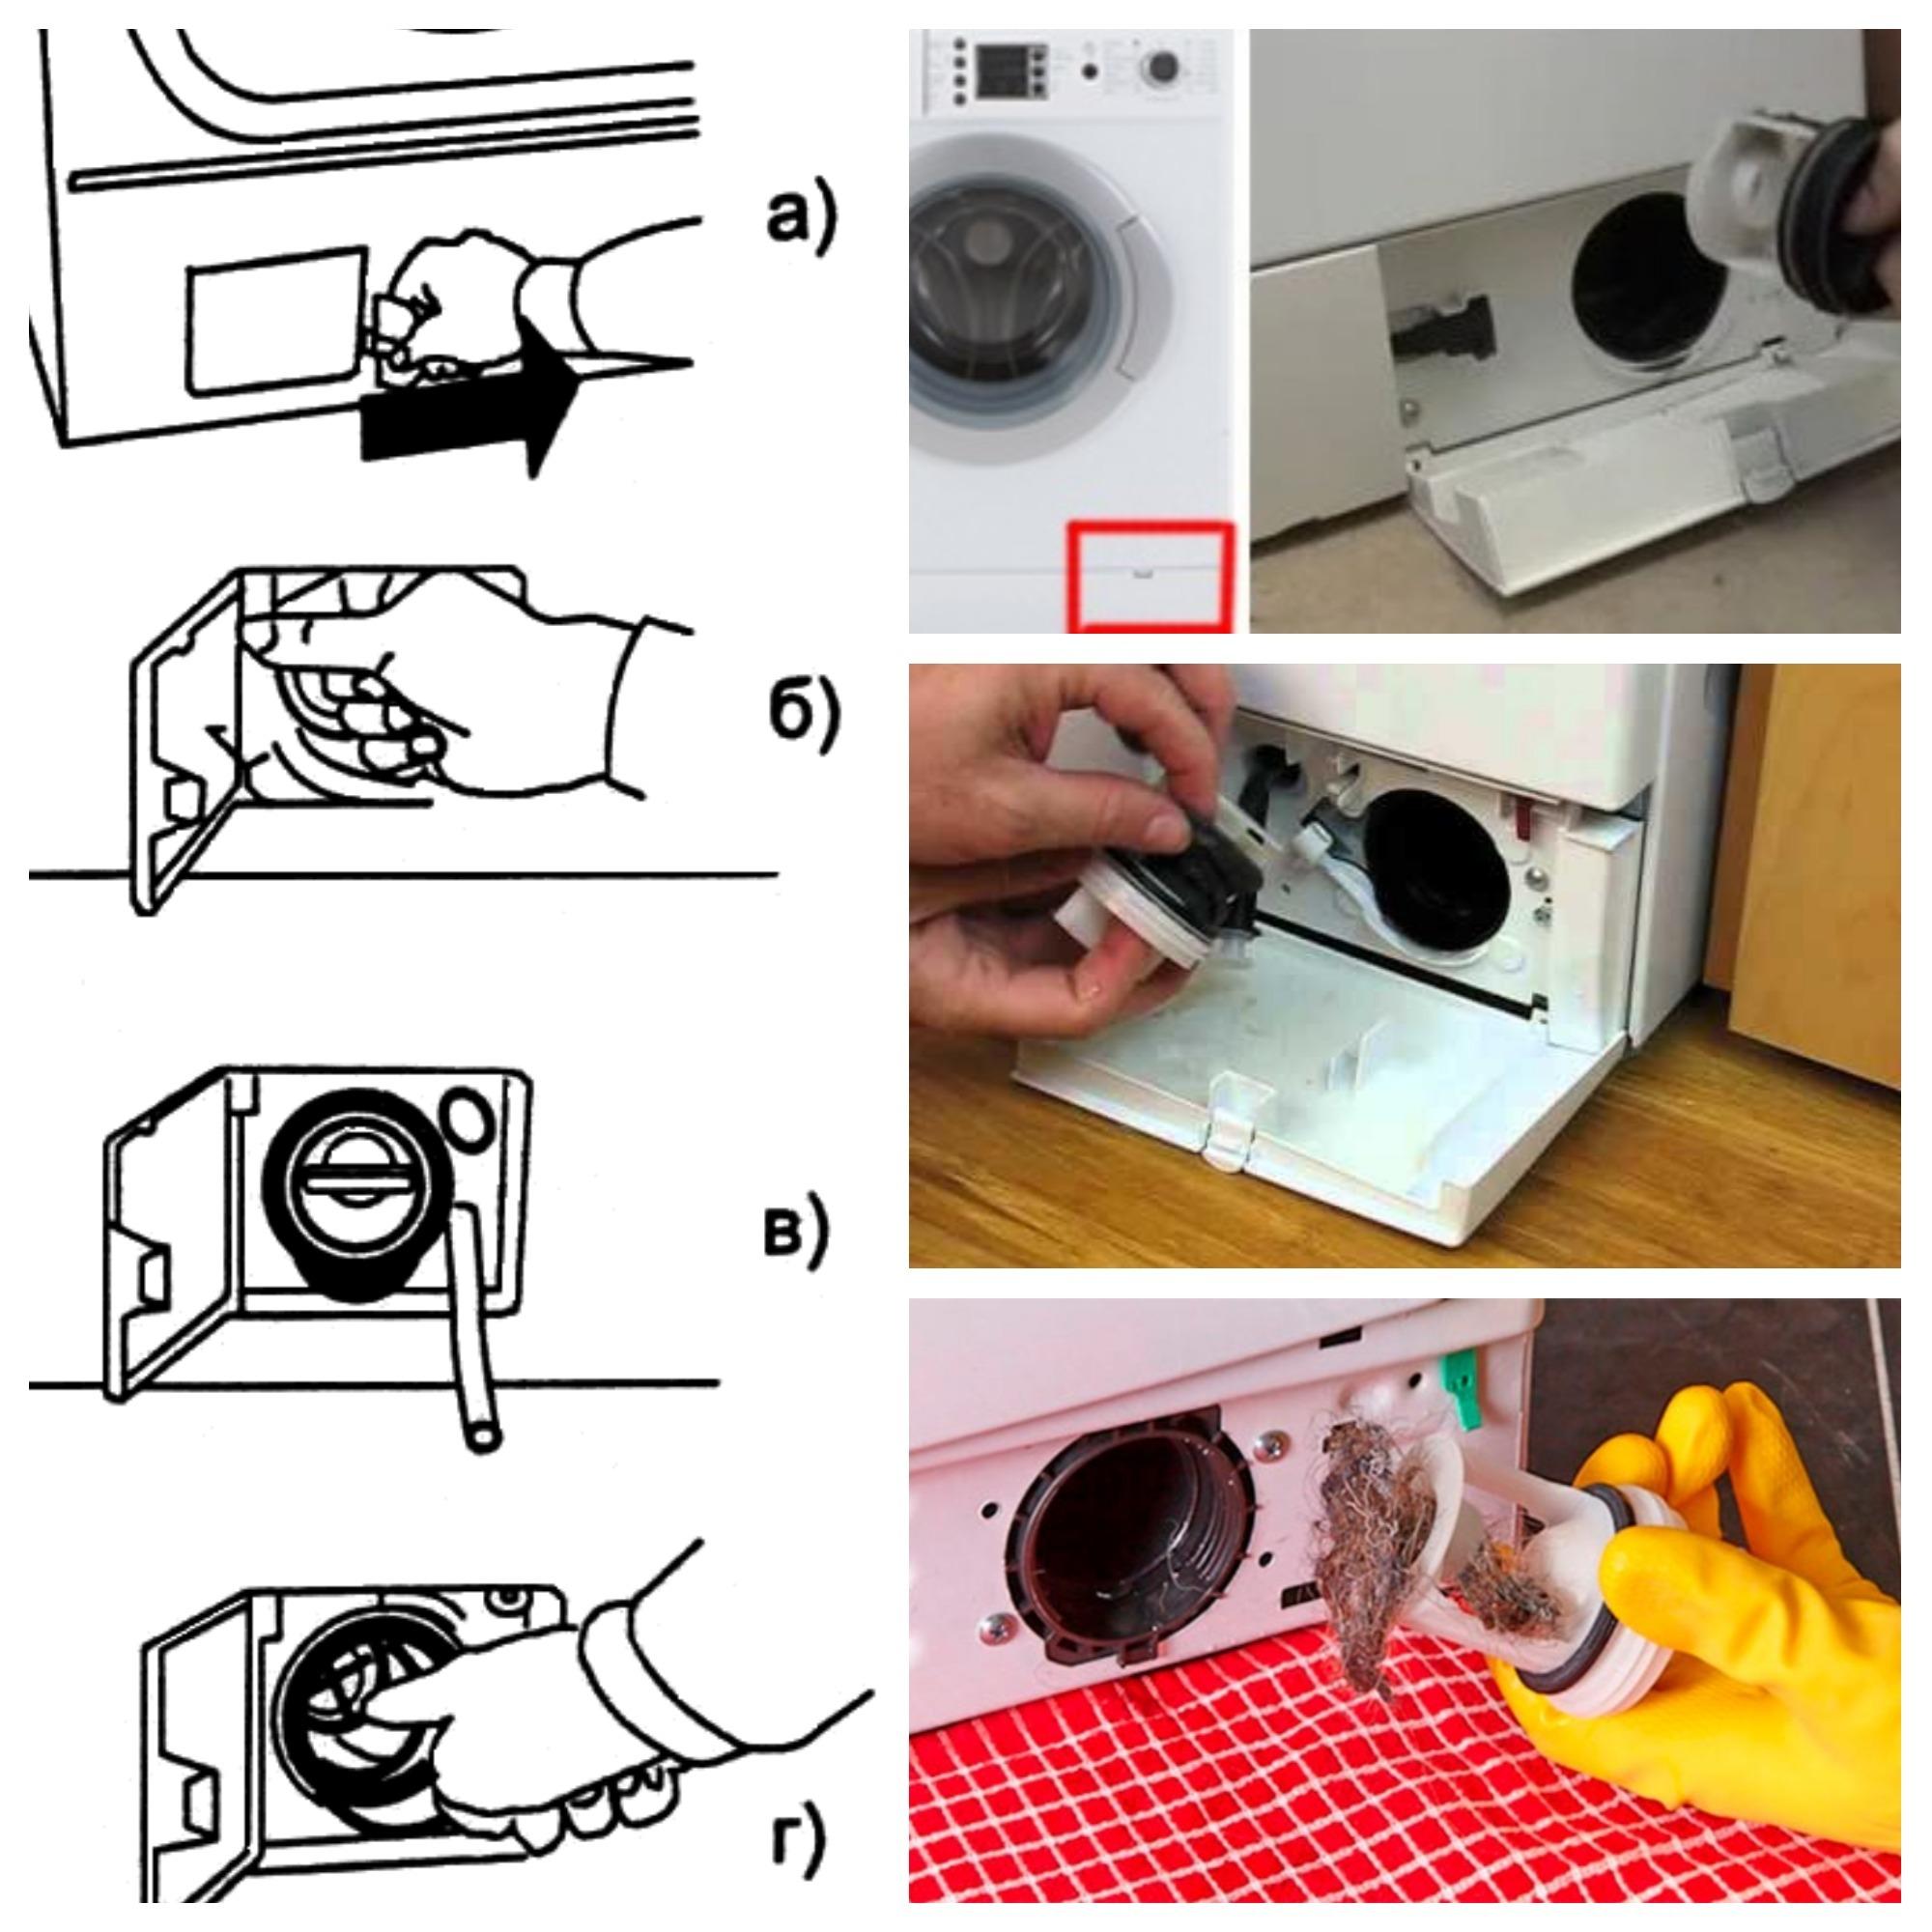 Как почистить стиральную машину автомат ✅ лимонной кислотой и фильтр от грязи